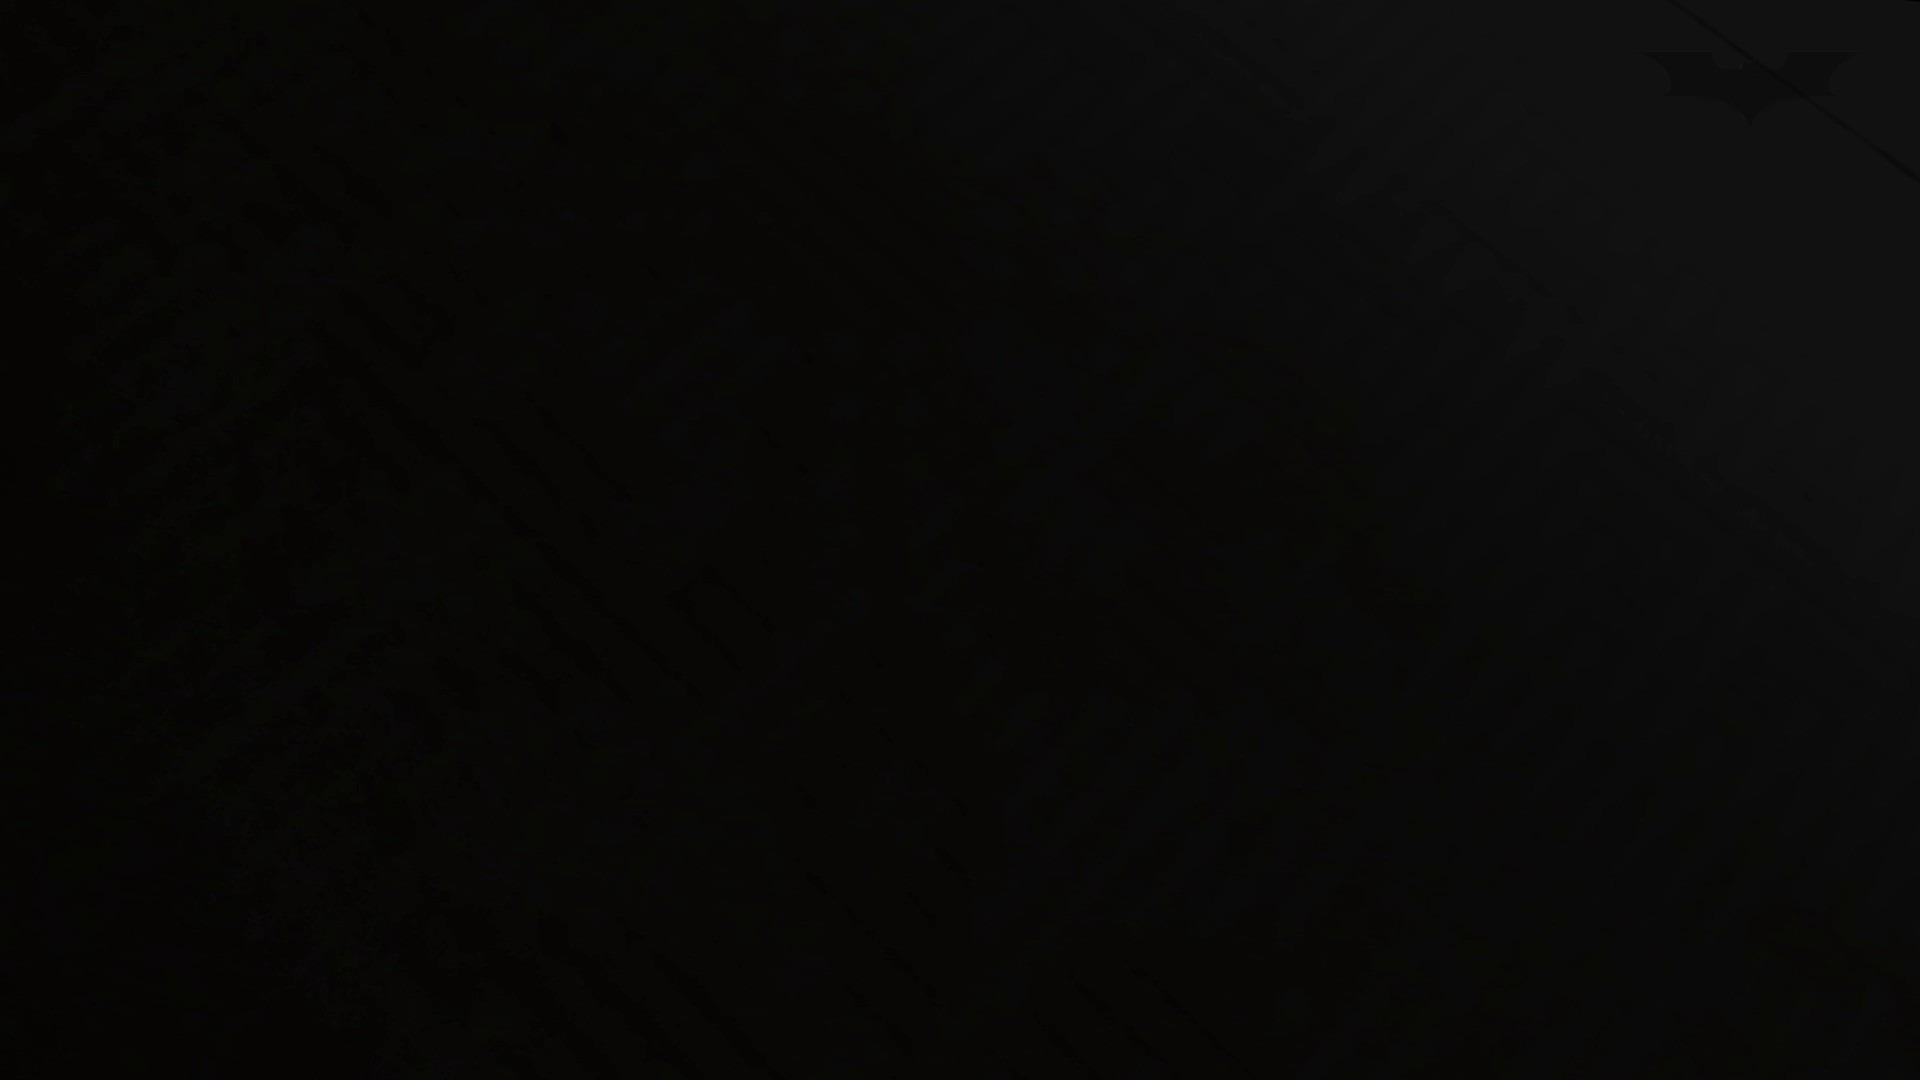 芸術大学ガチ潜入盗撮 JD盗撮 美女の洗面所の秘密 Vol.108 高画質  83PIX 61